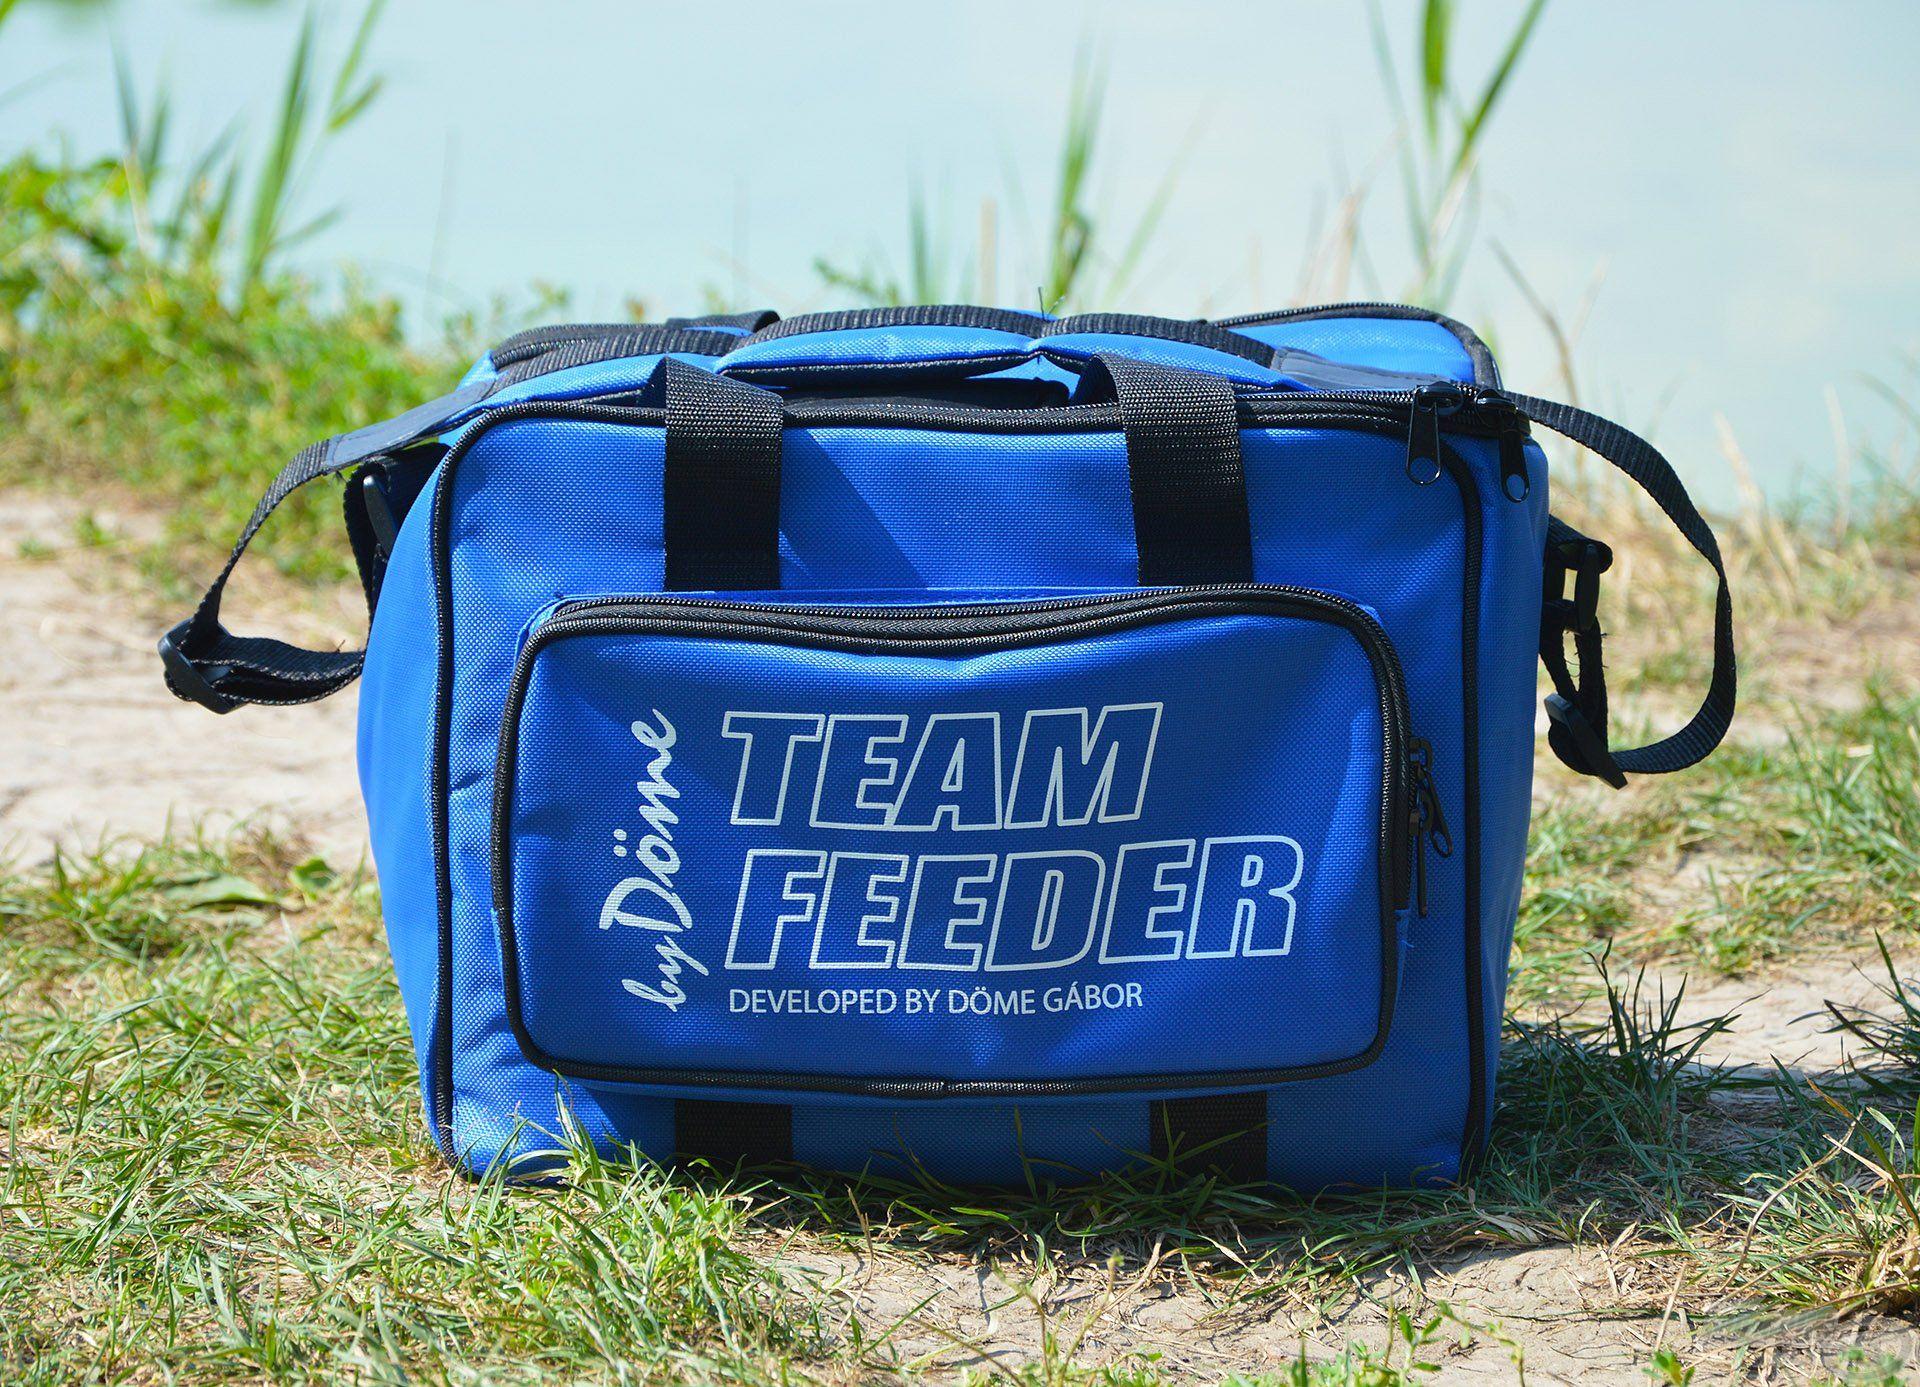 Íme, az egyik személyes kedvencem, a TEAM FEEDER Hűtőtáska, mely minden évszakban nagyon hasznos társ a horgászatok során!